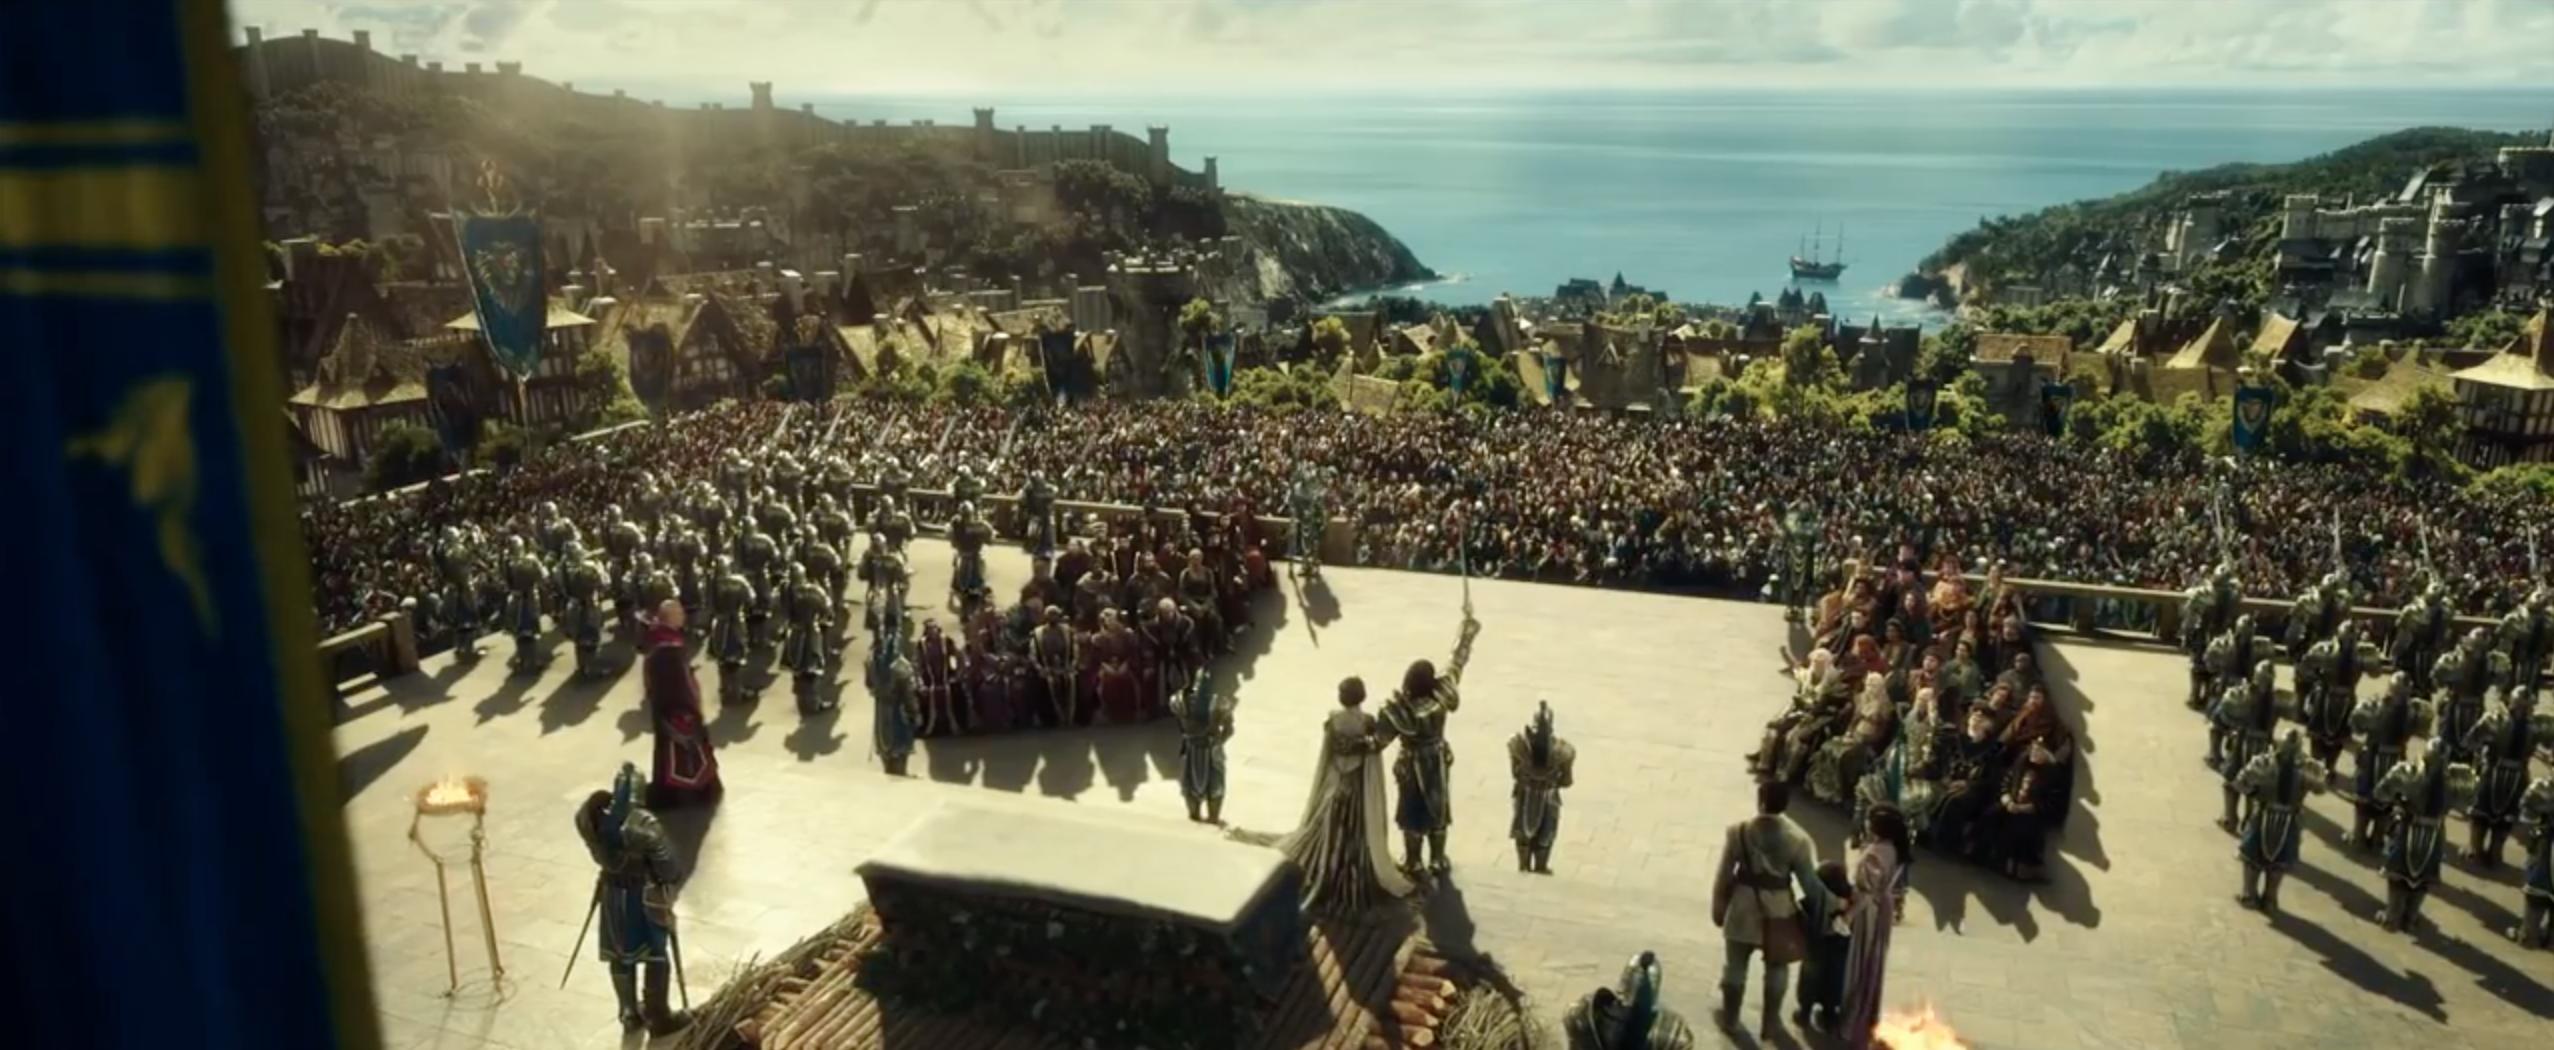 Warcraft - L'inizio: folla riunita nel trailer del film